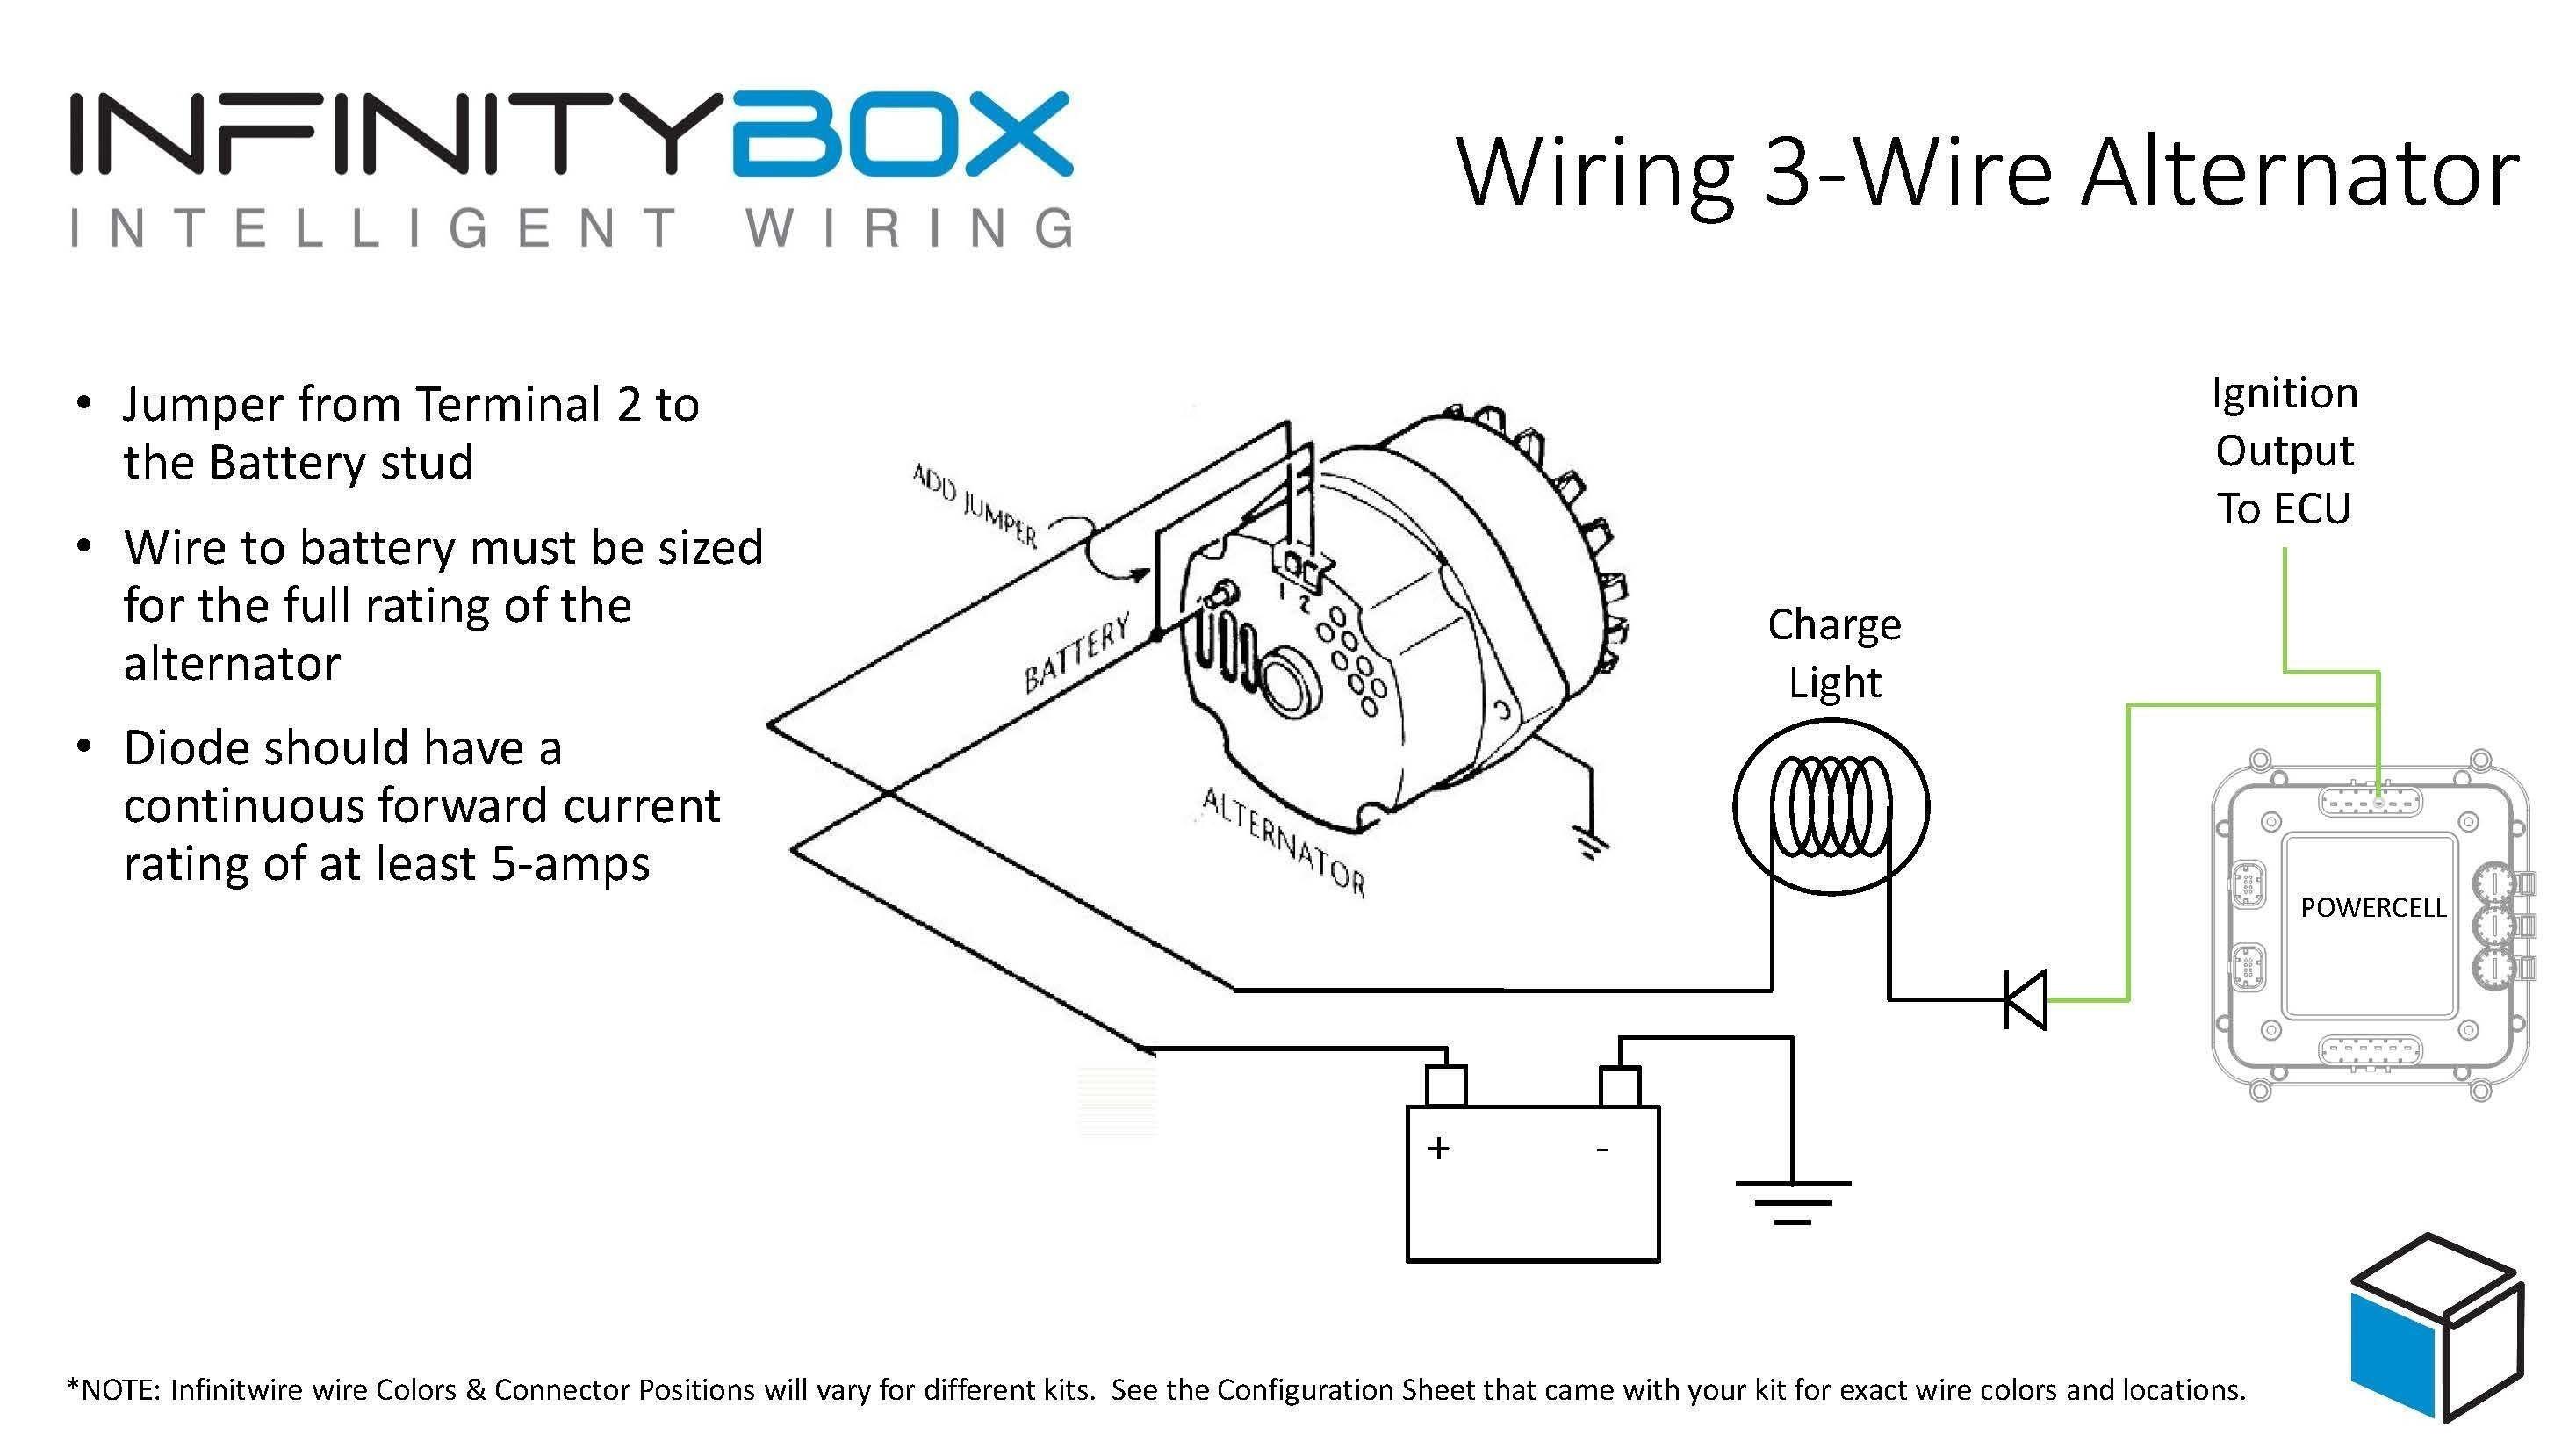 Wiring Diagram Pdf  2003 Mazda Protege5 Wiring Diagram